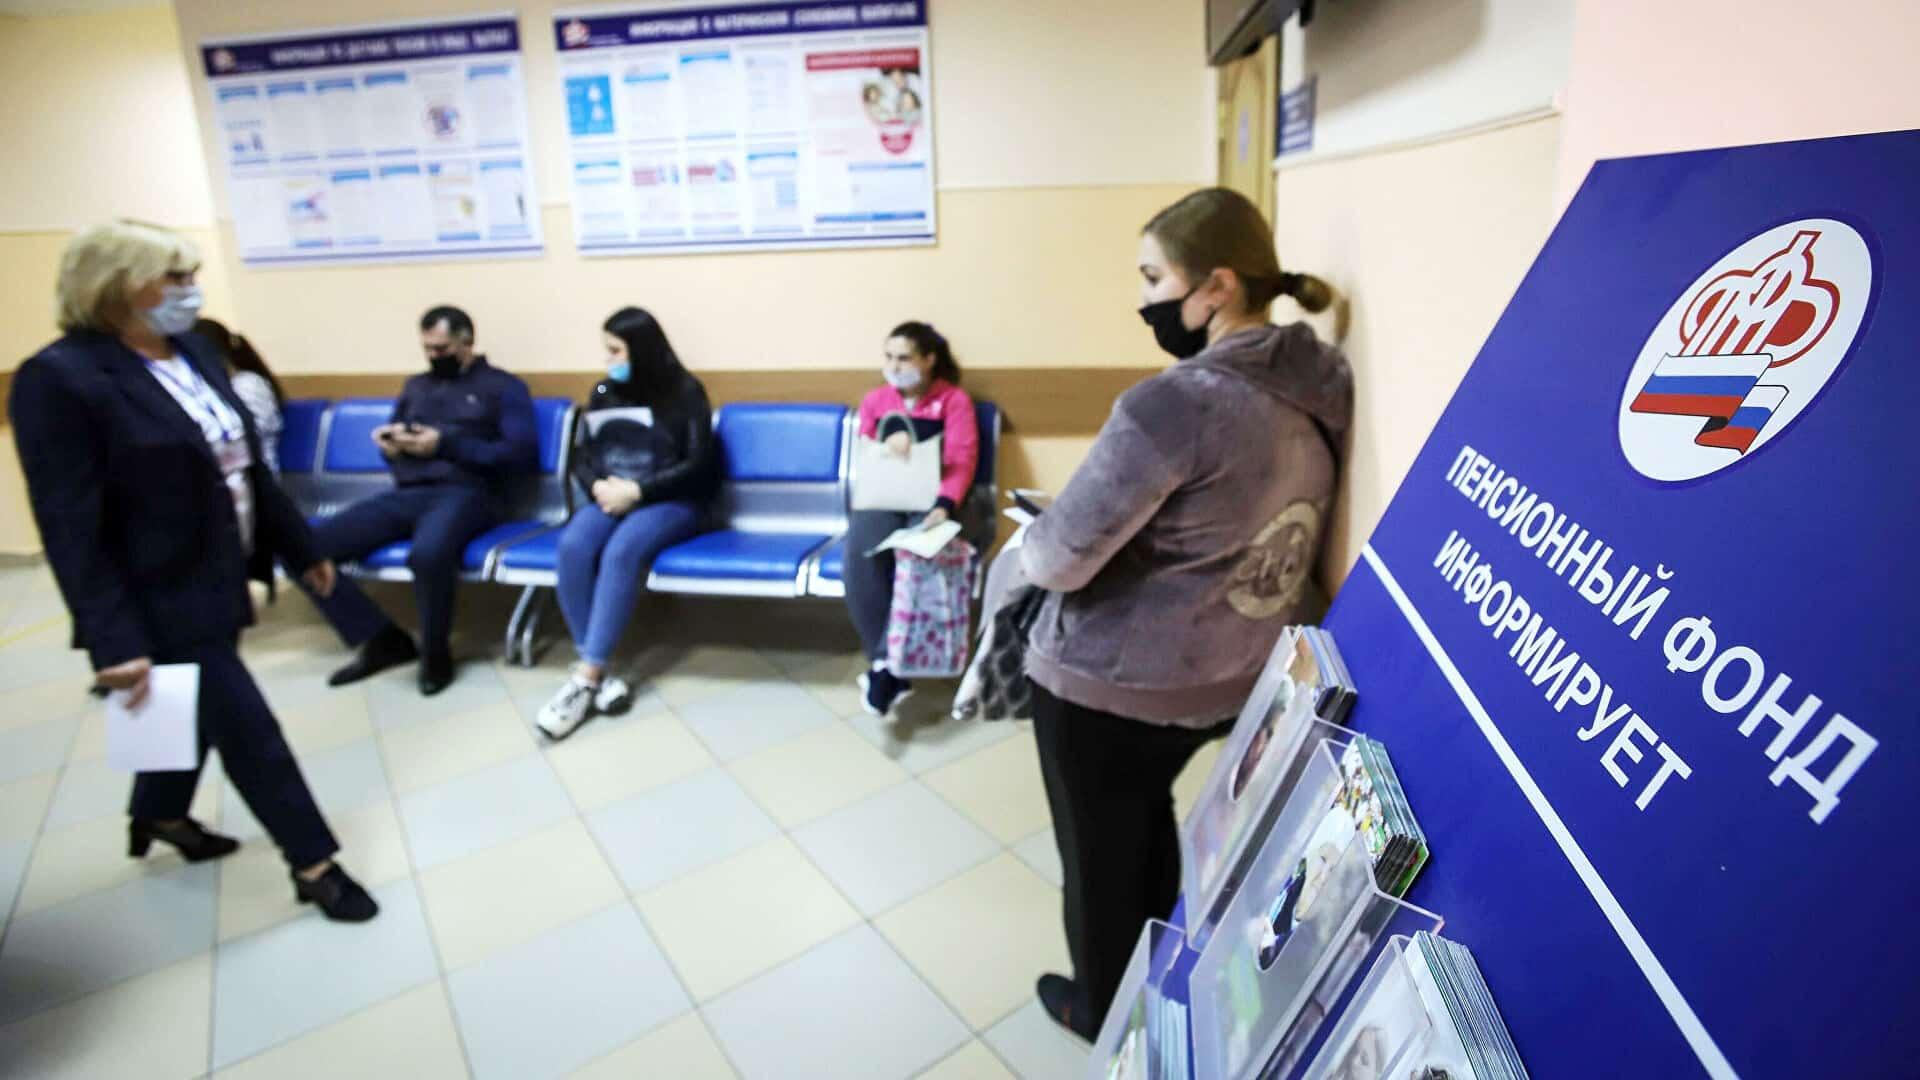 О новой выплате в 4372 рубля для льготников рассказали в Минтруда